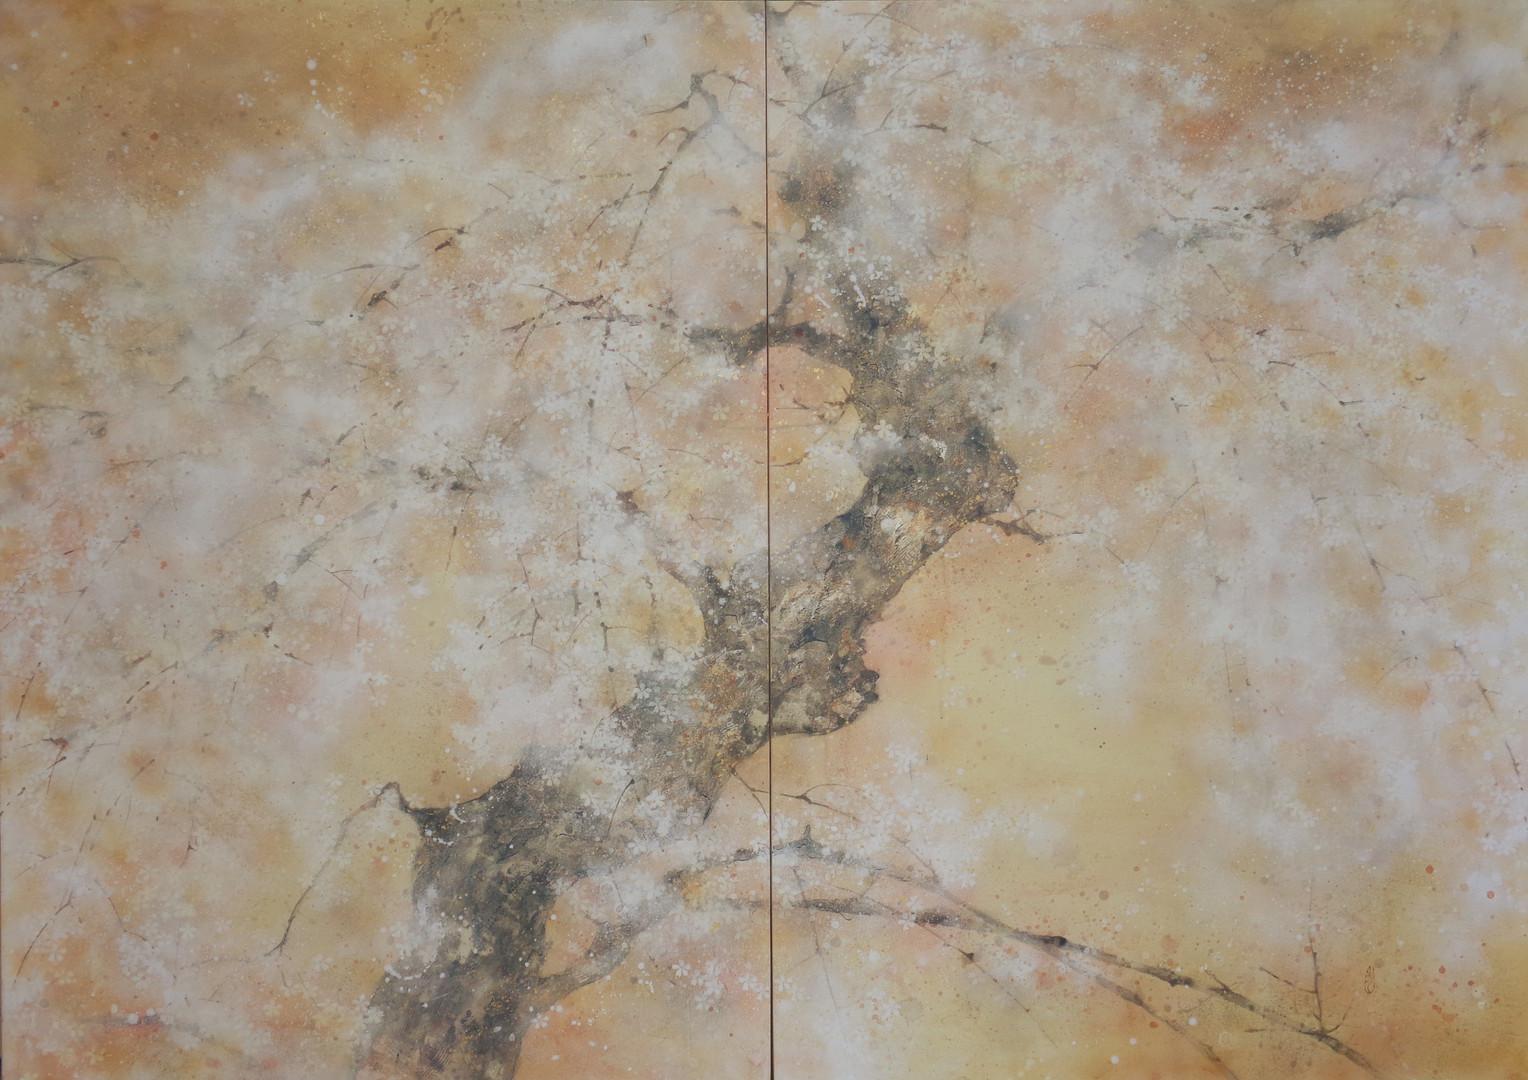 Saison du cerisier - 100 x 140 cm / 2018